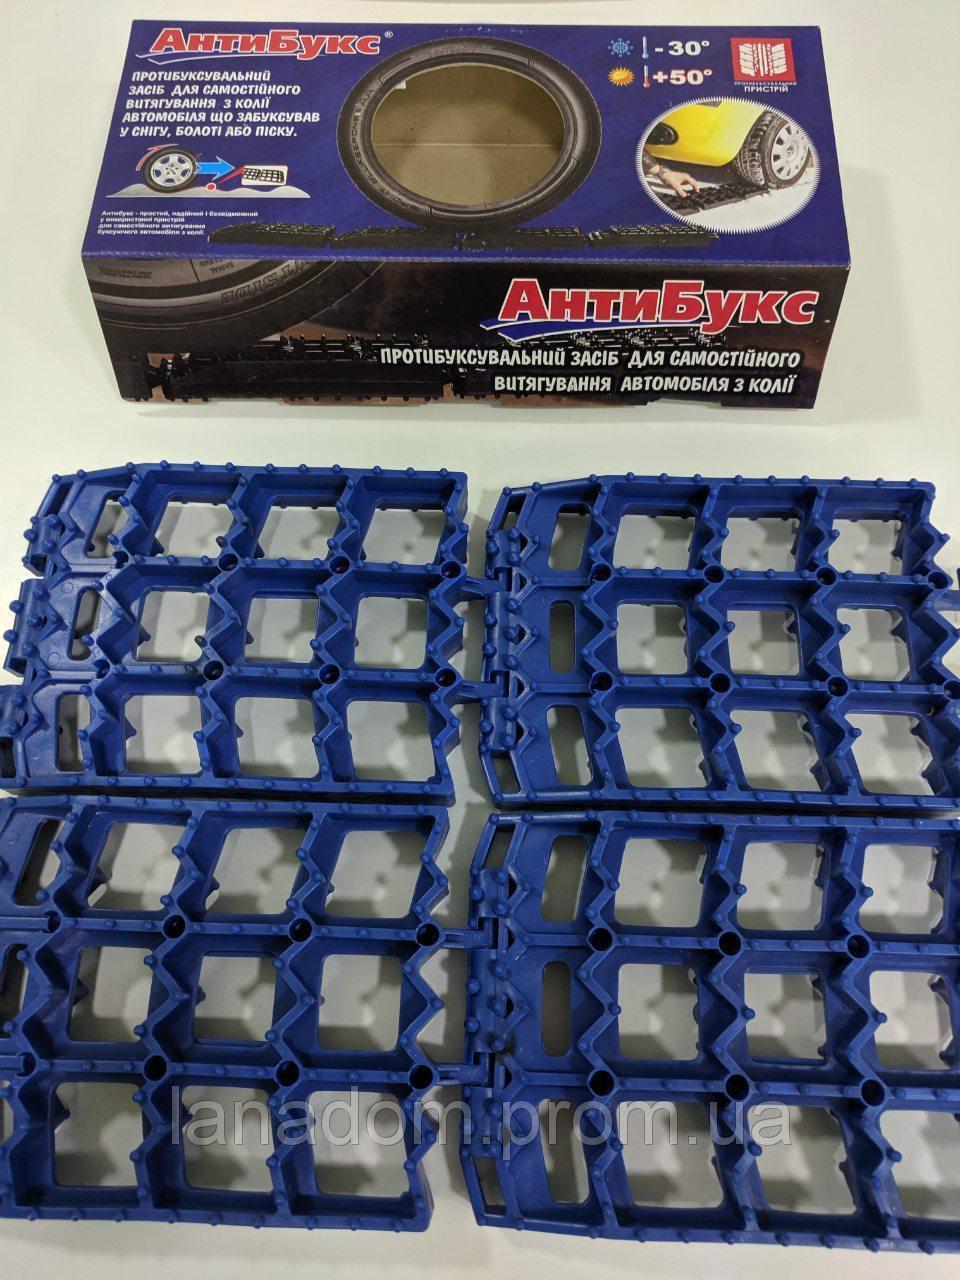 Антибукс ленты Standart (трак Антибукс) - противобуксовочные ленты